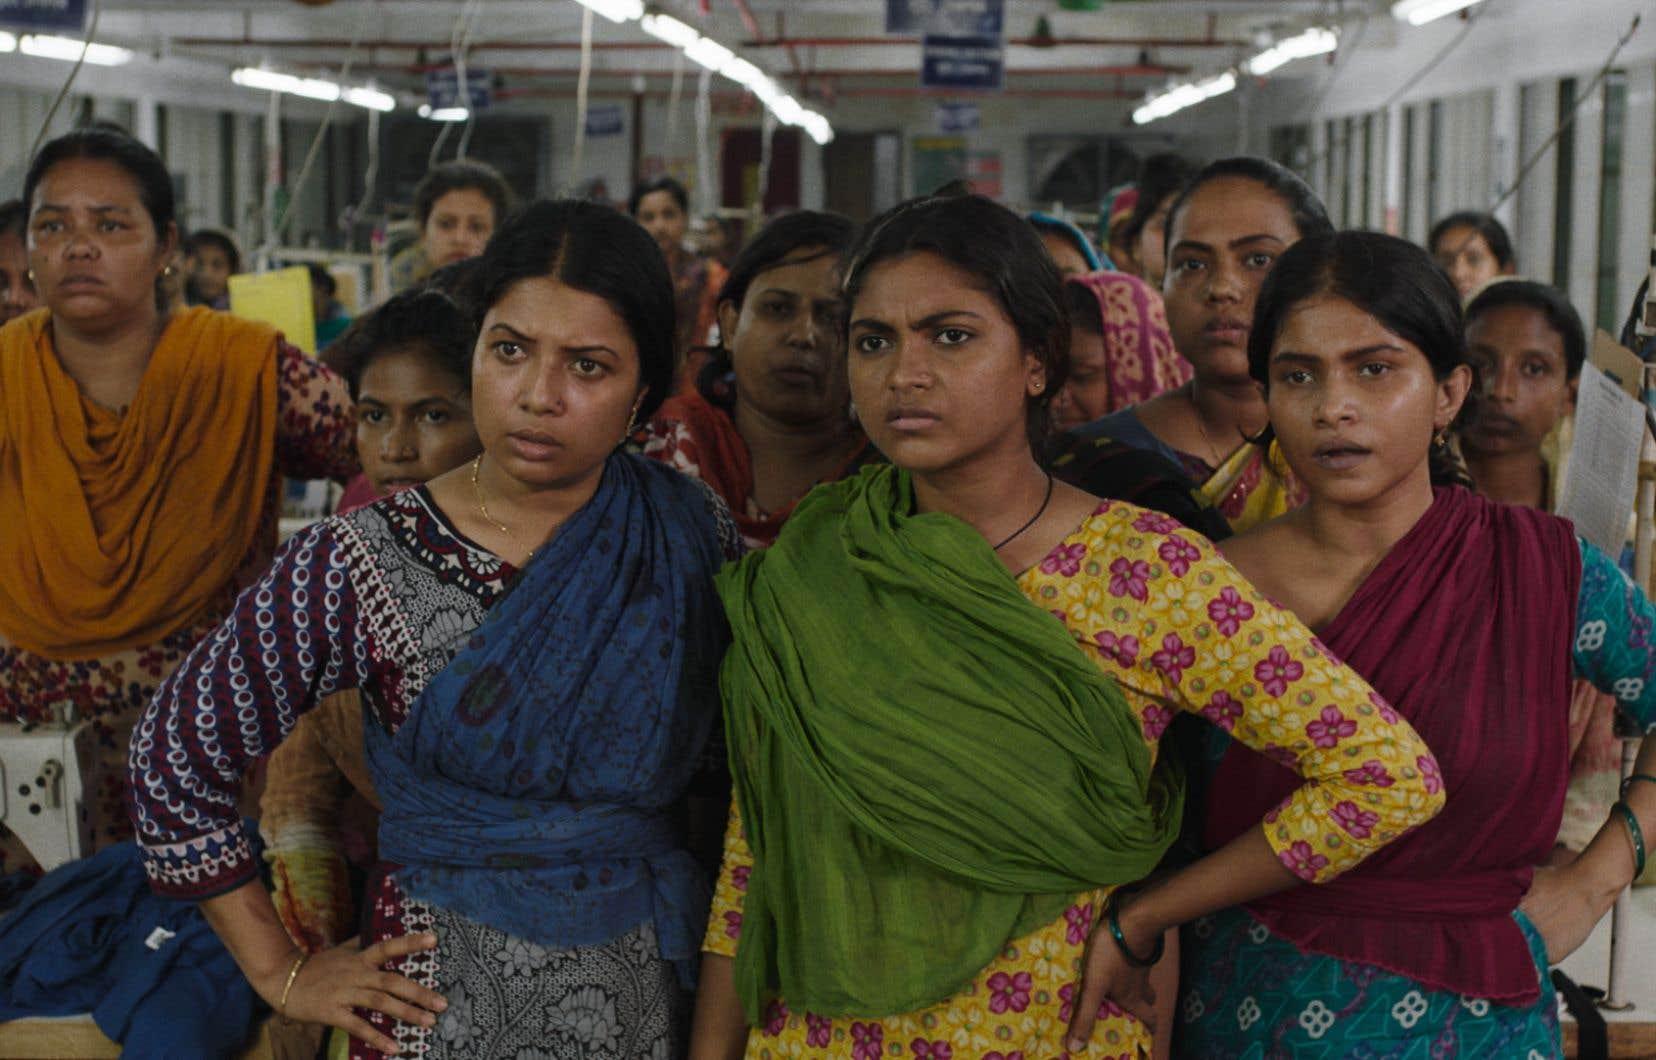 Réalisé par Rubaiyat Hossain, une native du Bangladesh qui a étudié le cinéma aux États-Unis, «Made in Bangladesh» s'inspire du combat de Daliya Akhtar Dolly, qui parvint de haute lutte à syndiquer l'usine textile qui l'employait. La cinéaste et elle ont coécrit le scénario qui s'attarde au parcours semé d'embûches de Shimu, 23 ans.